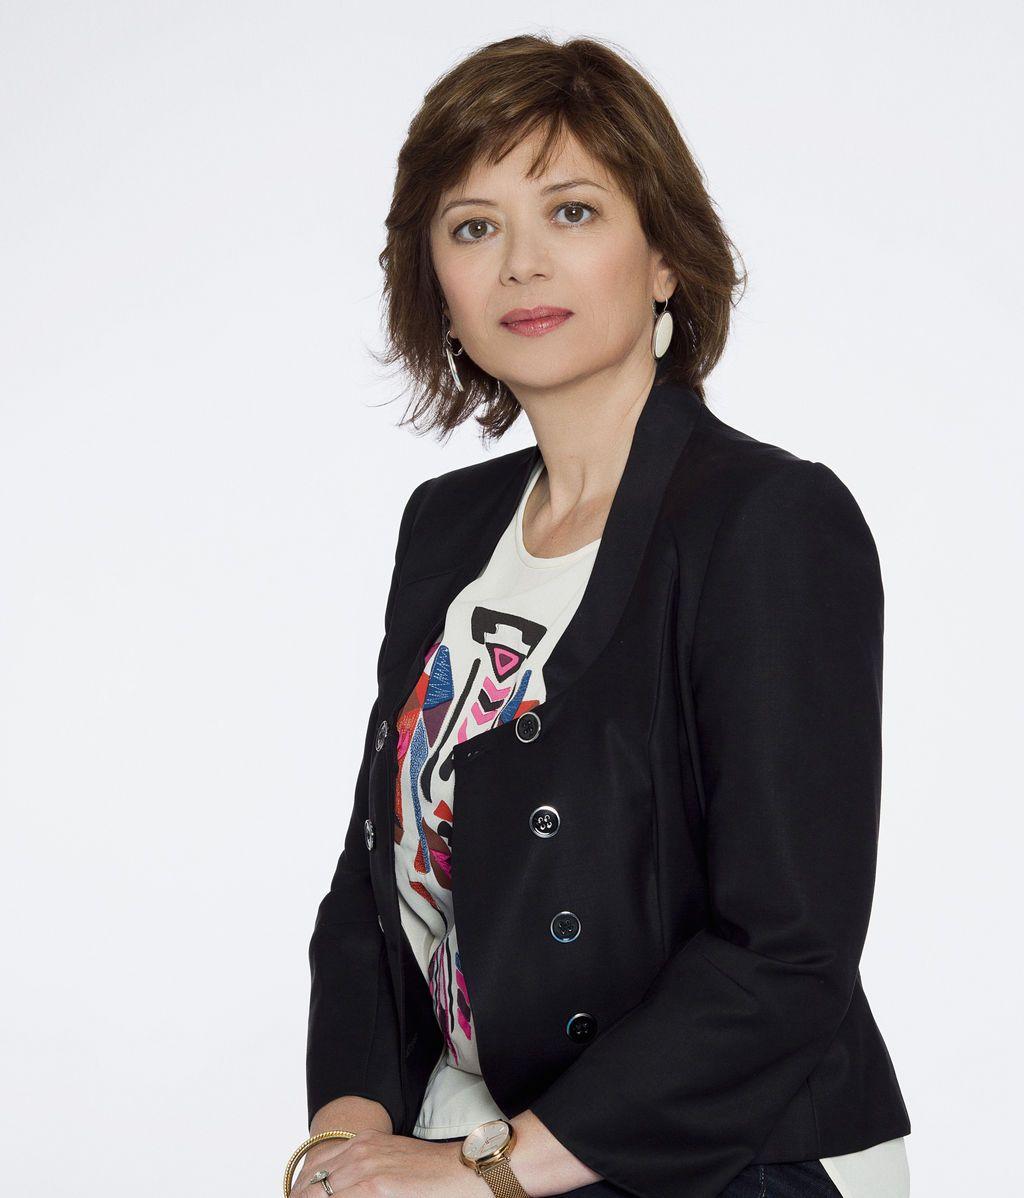 Mirta Drago, directora de Comunicación y Relaciones Externas